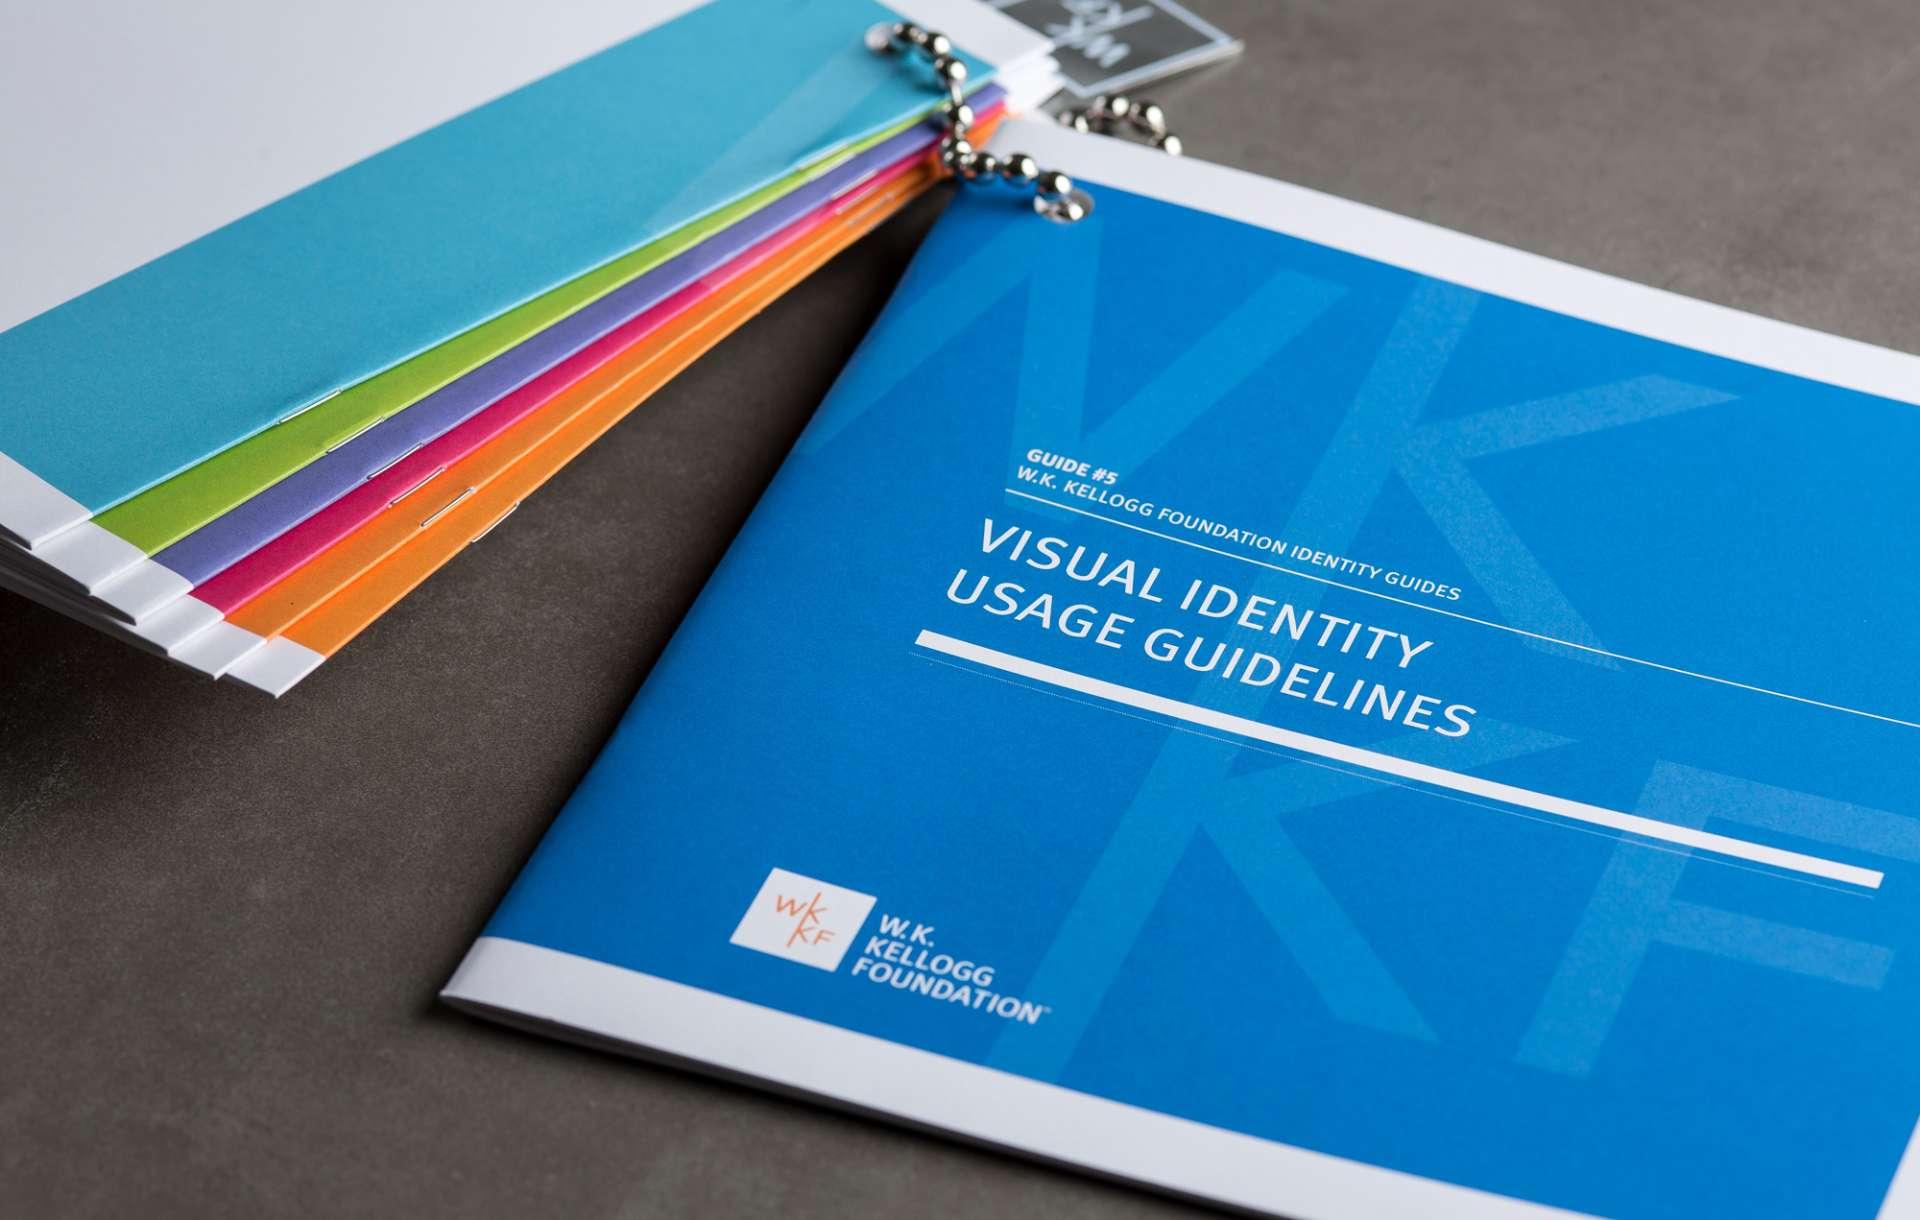 Identity guide designed for WK Kellogg Foundation rebranding